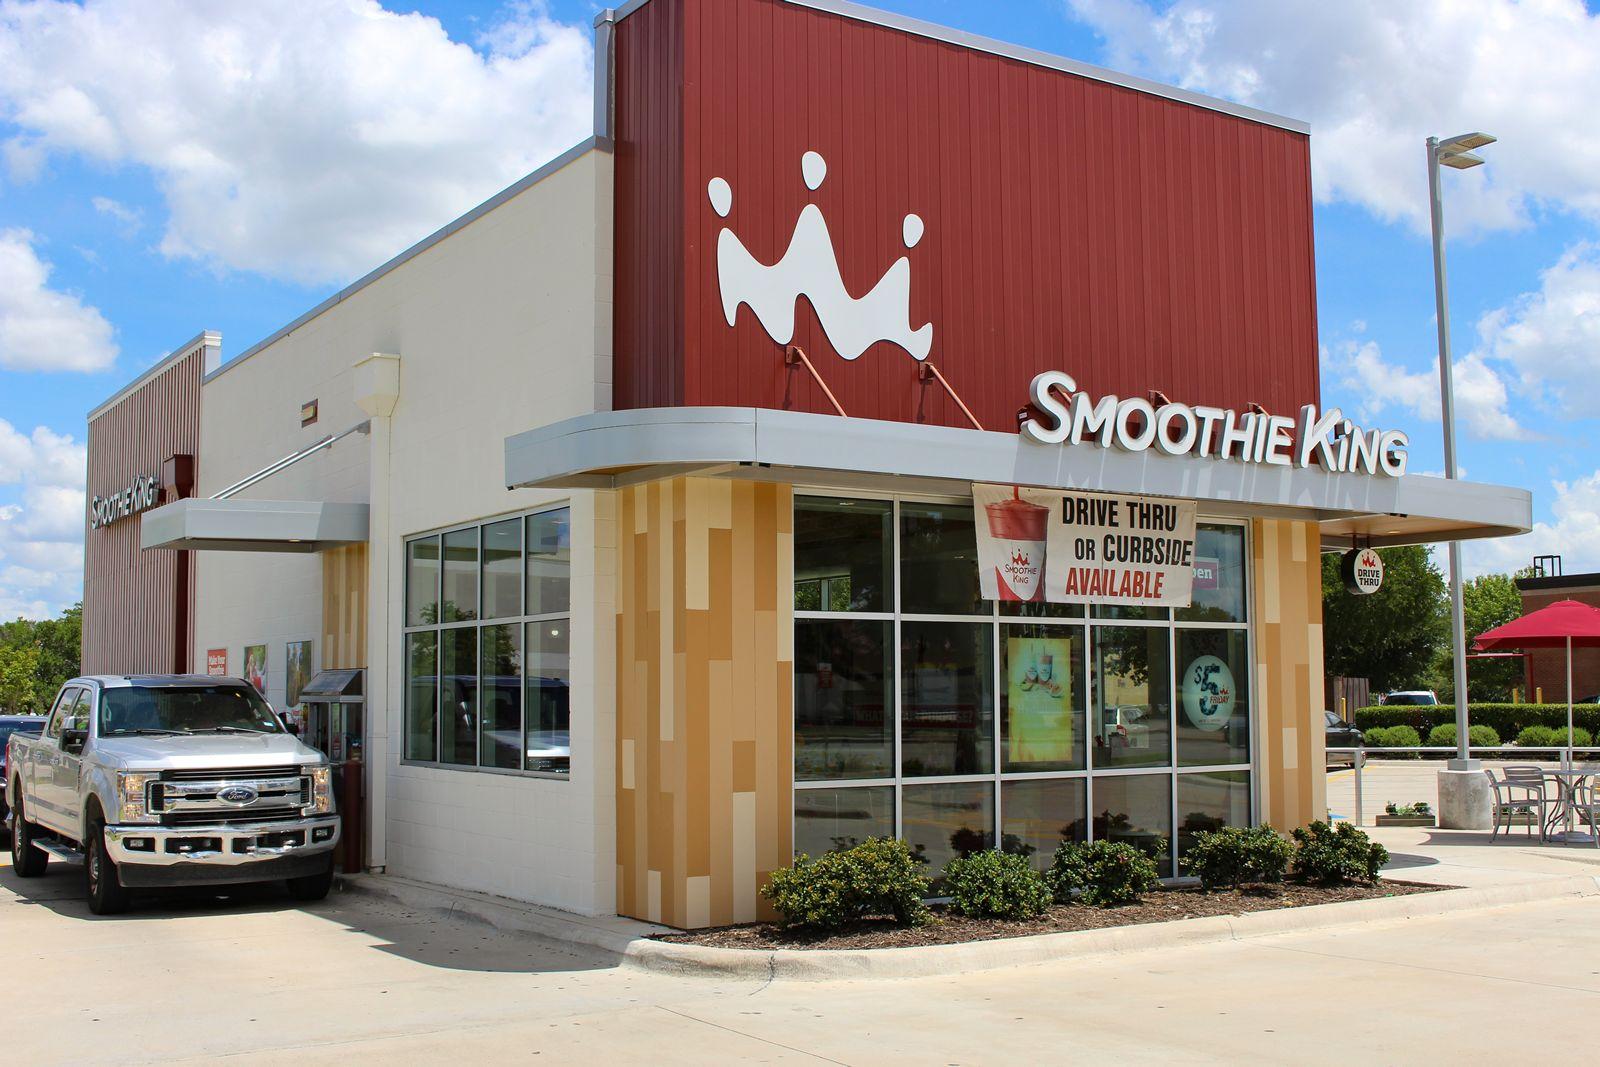 Smoothie King annonce une croissance exceptionnelle de 18% des ventes dans les magasins comparables au premier trimestre